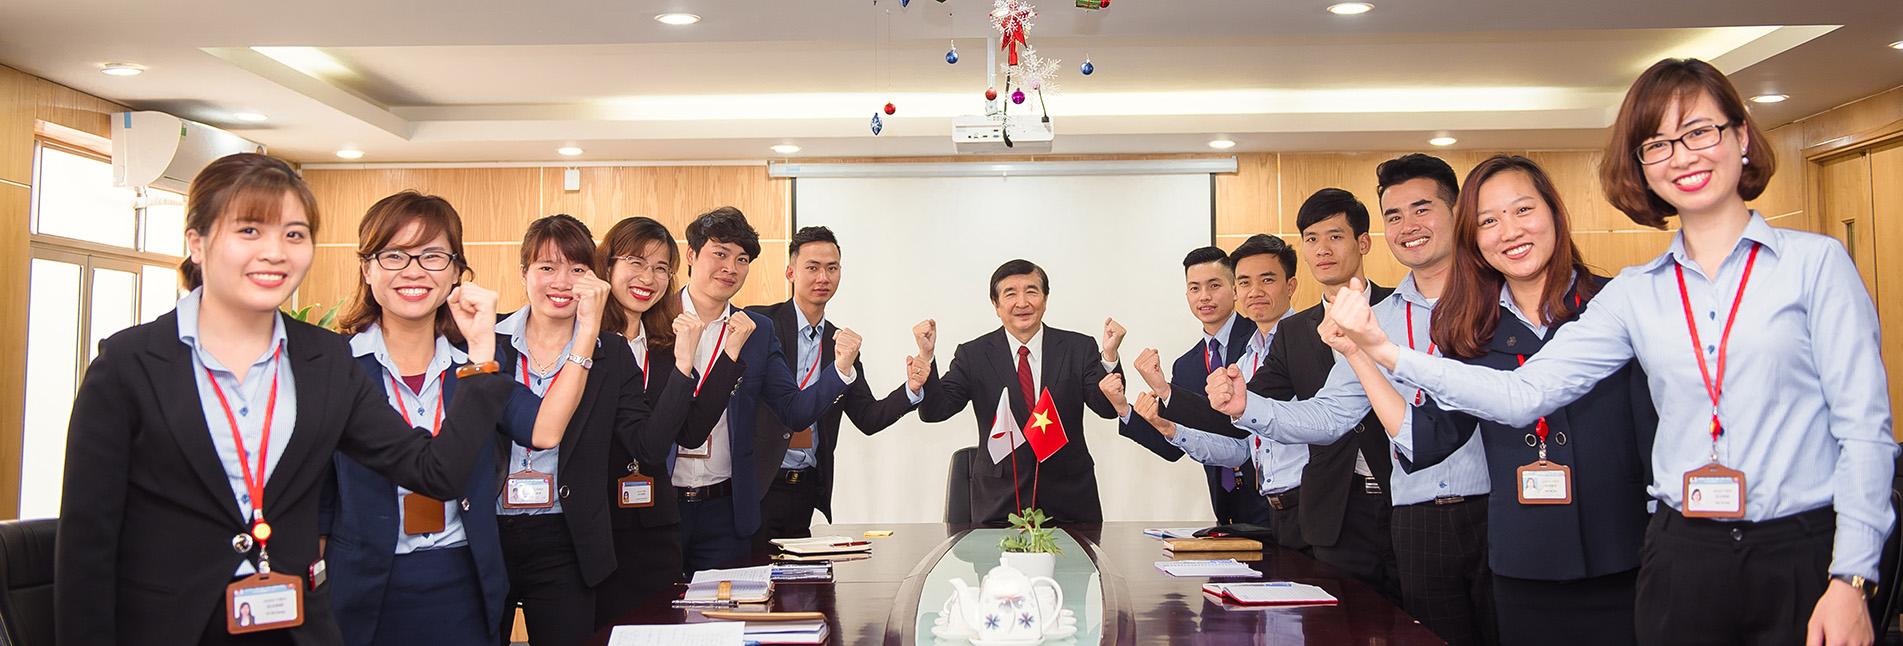 Tuyển dụng 30 cán bộ tuyển nguồn lao động Nhật Bản quý III/2021